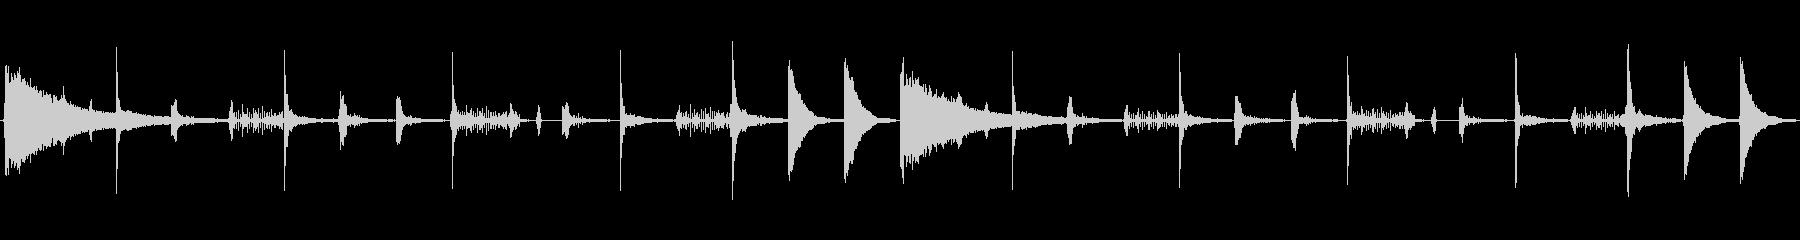 レトロなリズムボックスサウンド。リバー…の未再生の波形